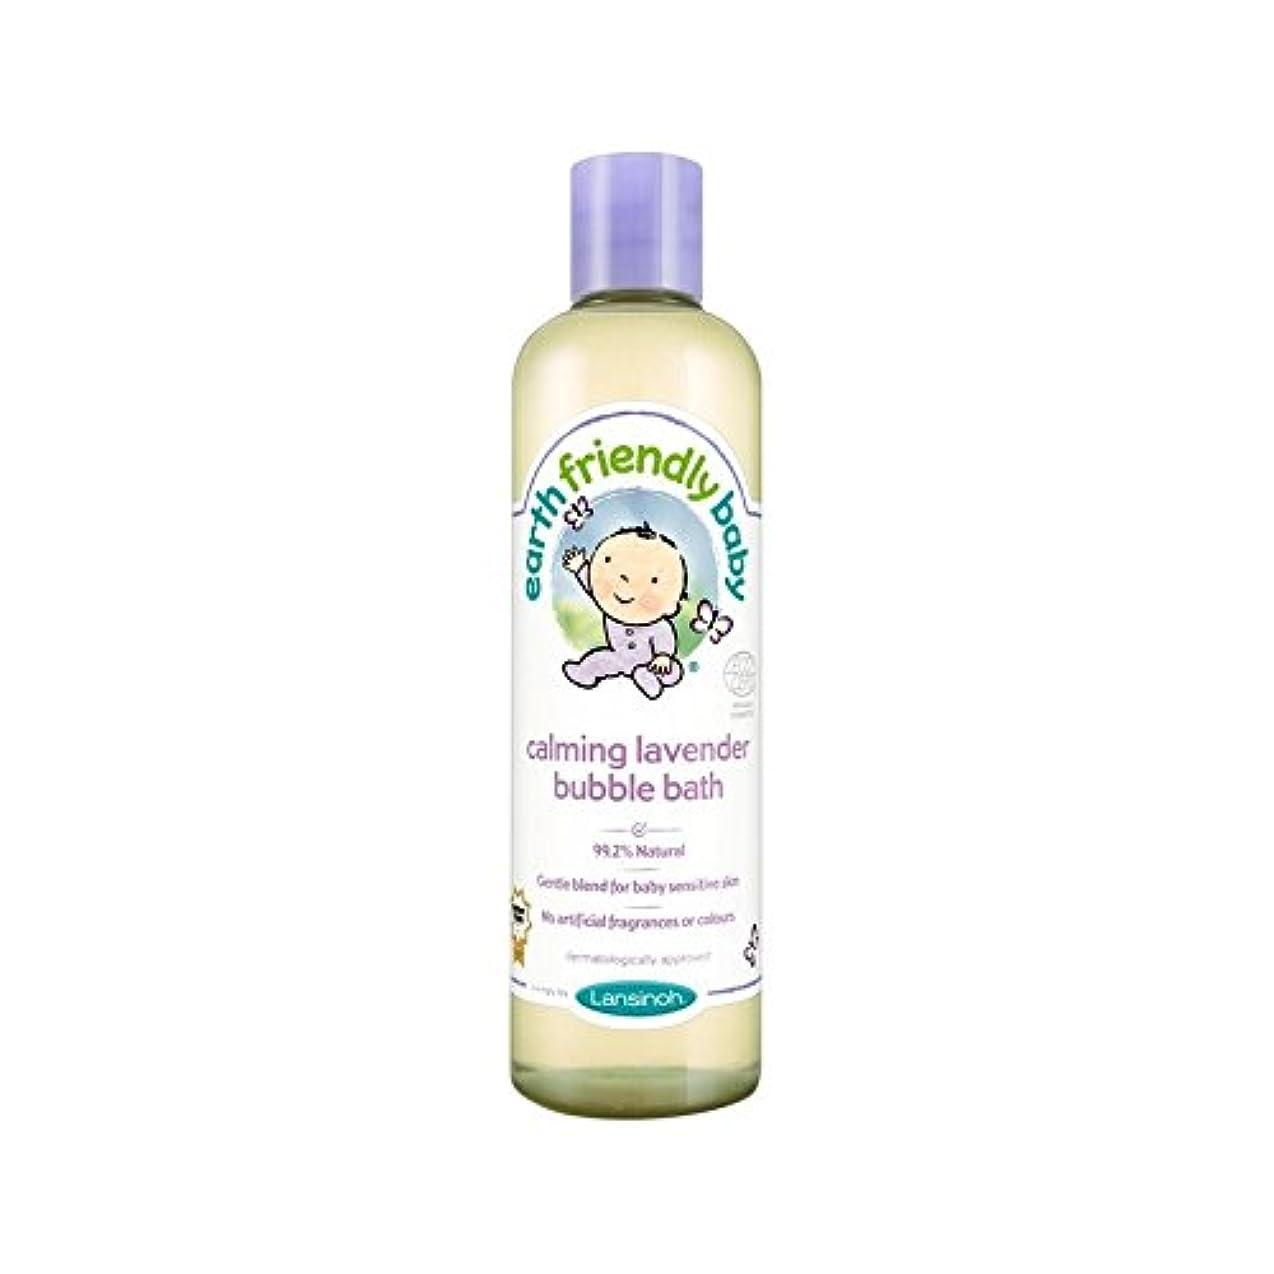 チャンピオンシップ香ばしい外科医赤ちゃん沈静ラベンダー泡風呂のエコサートの300ミリリットル (Earth Friendly) (x 2) - Earth Friendly Baby Calming Lavender Bubble Bath ECOCERT...